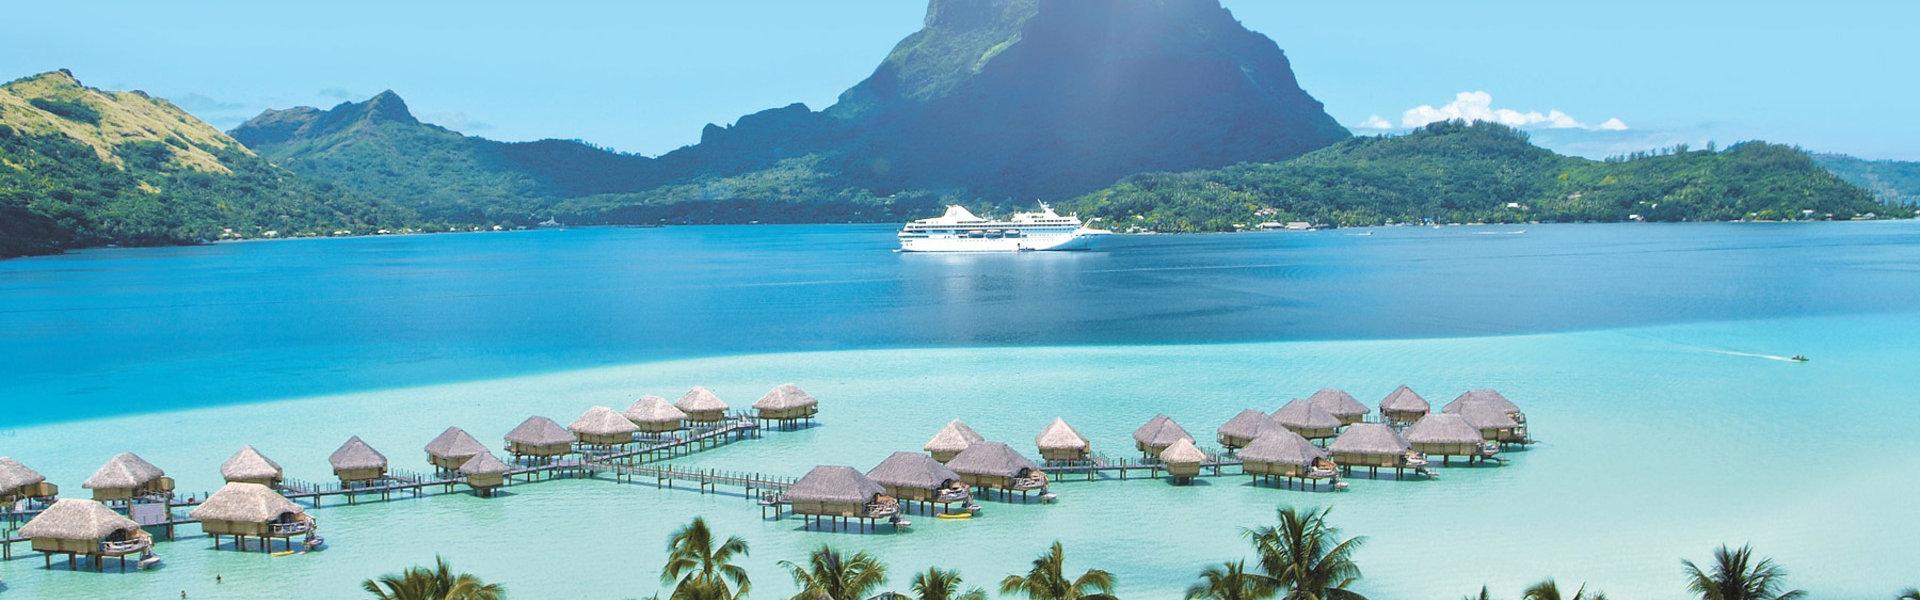 Guide voyage : pourquoi tout voyageur devrait consulter un guide de voyage ?